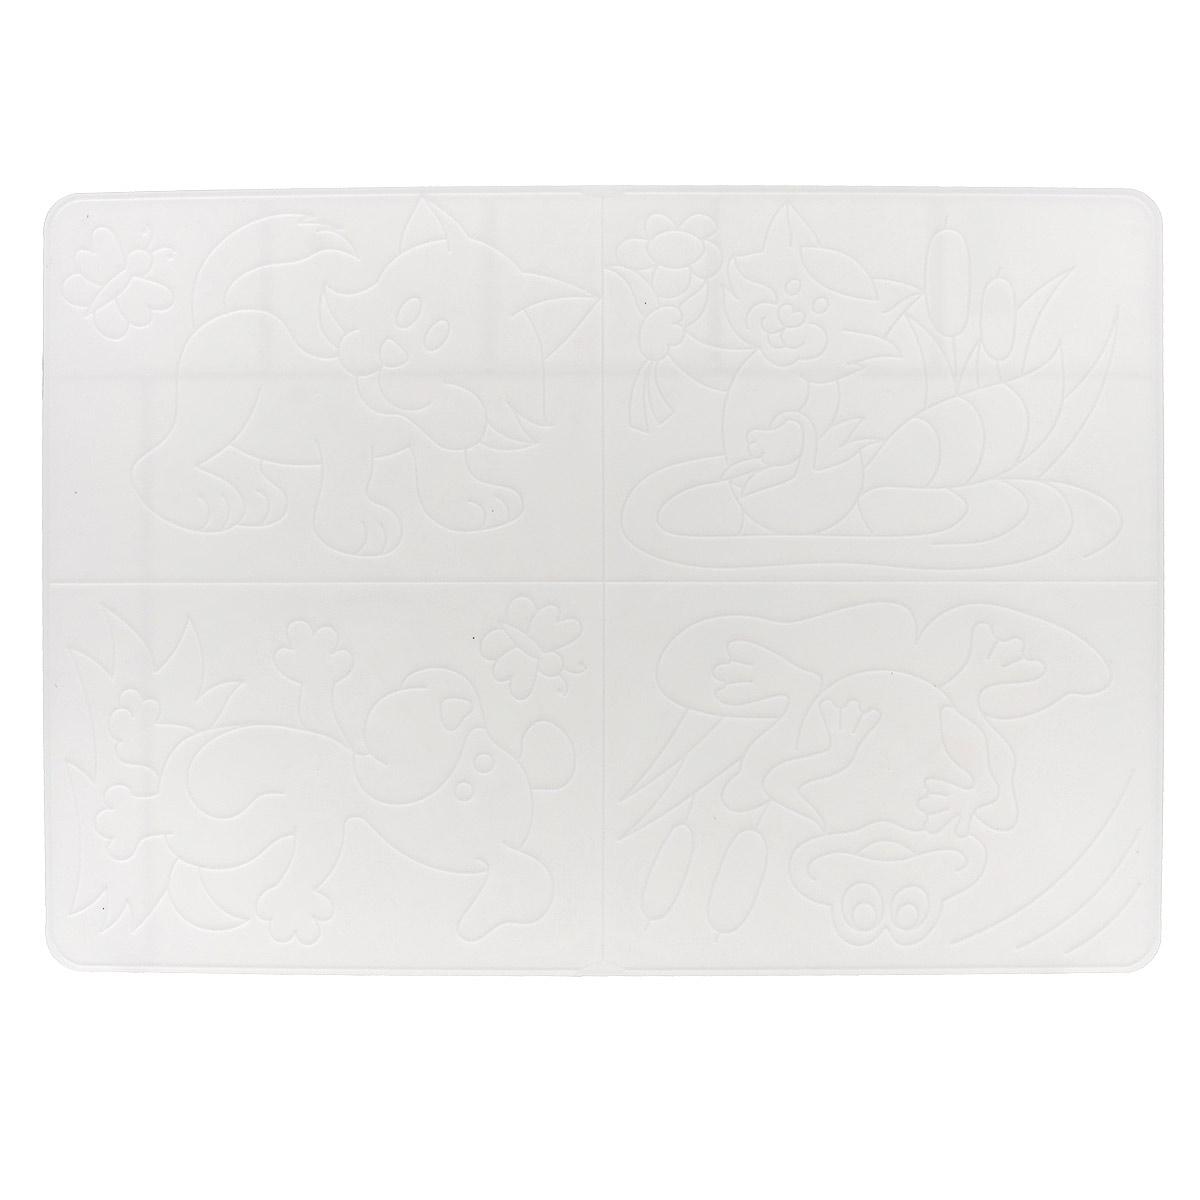 Доска для лепки Луч, пластиковая, №3. 17С 1172-0817С 1172-08Доска для лепки Луч - многофункциональный атрибут творческой деятельности. Благодаря универсальности материала, доску можно использовать как для защиты стола во время творчества ребенка, например, во время лепки, так и элемент для создания аппликации. Для этого рельефные рисунки переводятся на бумагу, а затем, с помощью пластилина, создается картинка. Доска изготовлена из мягкого пластика и легко отмывается от загрязнений. Доска для лепки Луч поможет ребенку развить творческие способности, воображение и мелкую моторику рук. Формат А4.